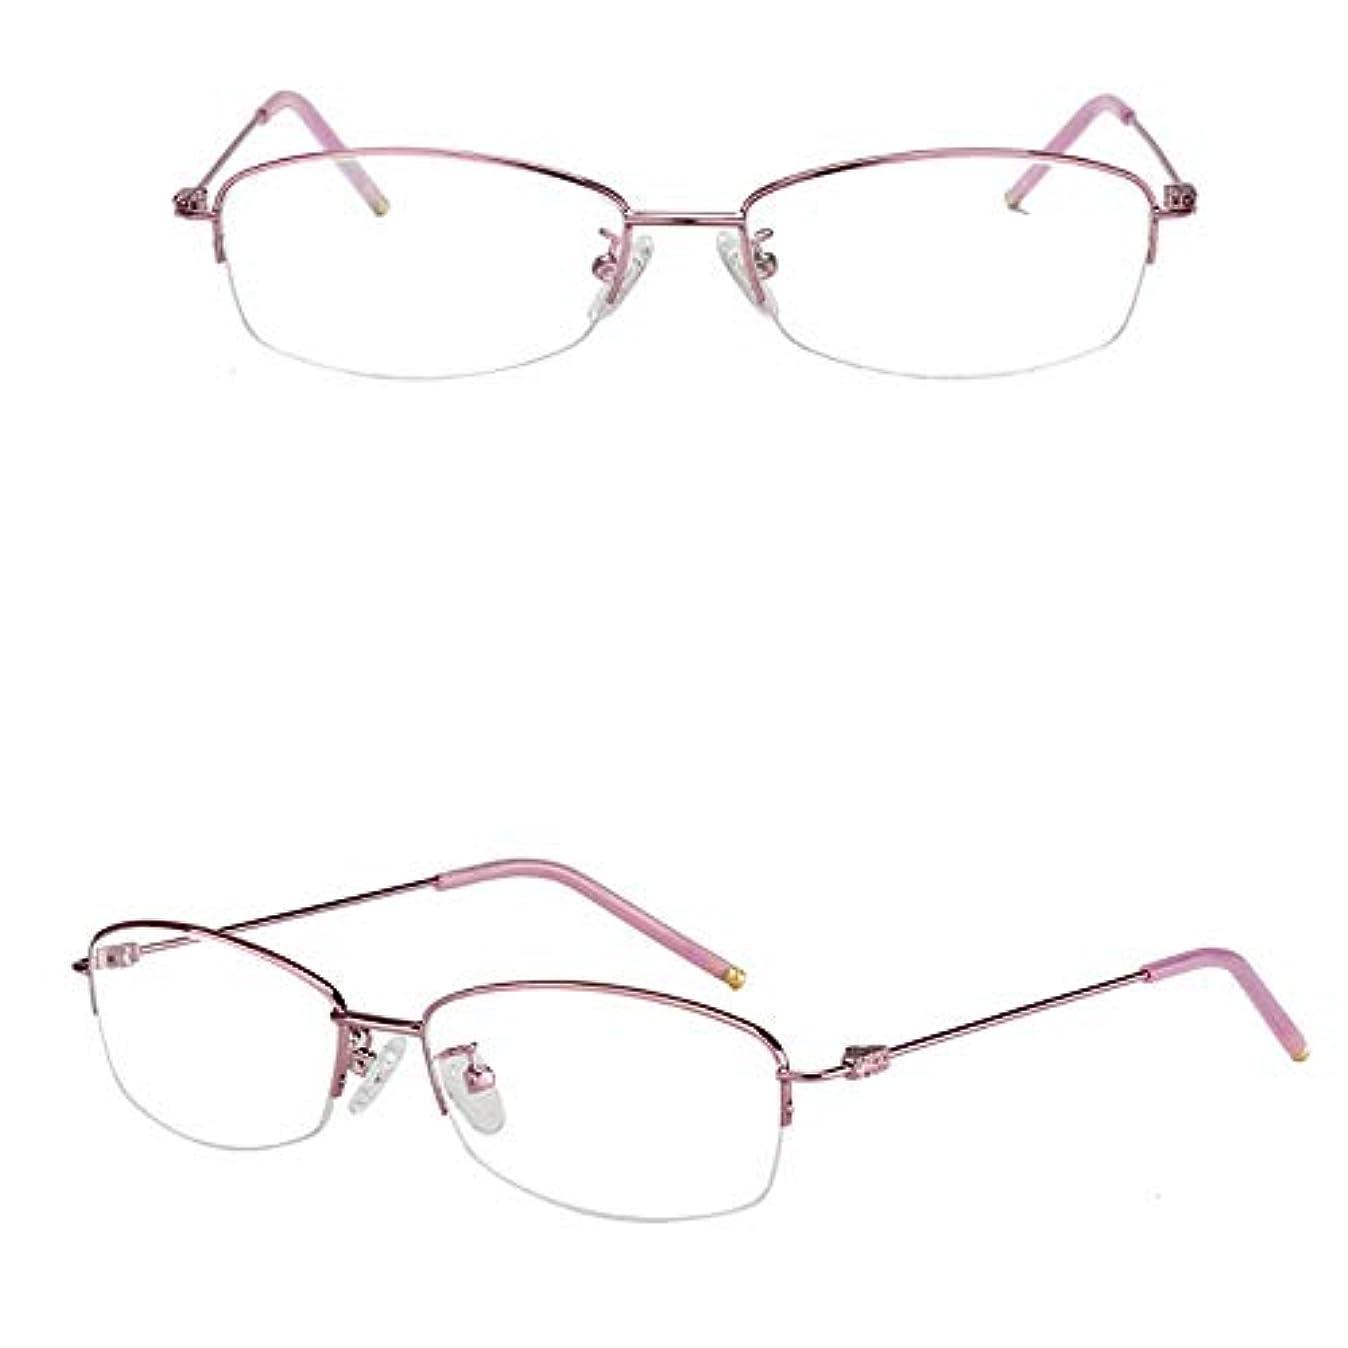 エジプト穀物希少性老眼鏡、老眼鏡、フォトクロミック老眼鏡、抗放射線およびUV保護、女性用ハイエンド眼鏡、スタイリッシュで軽量なハーフフレーム老眼鏡、複数の選択肢 (300°)